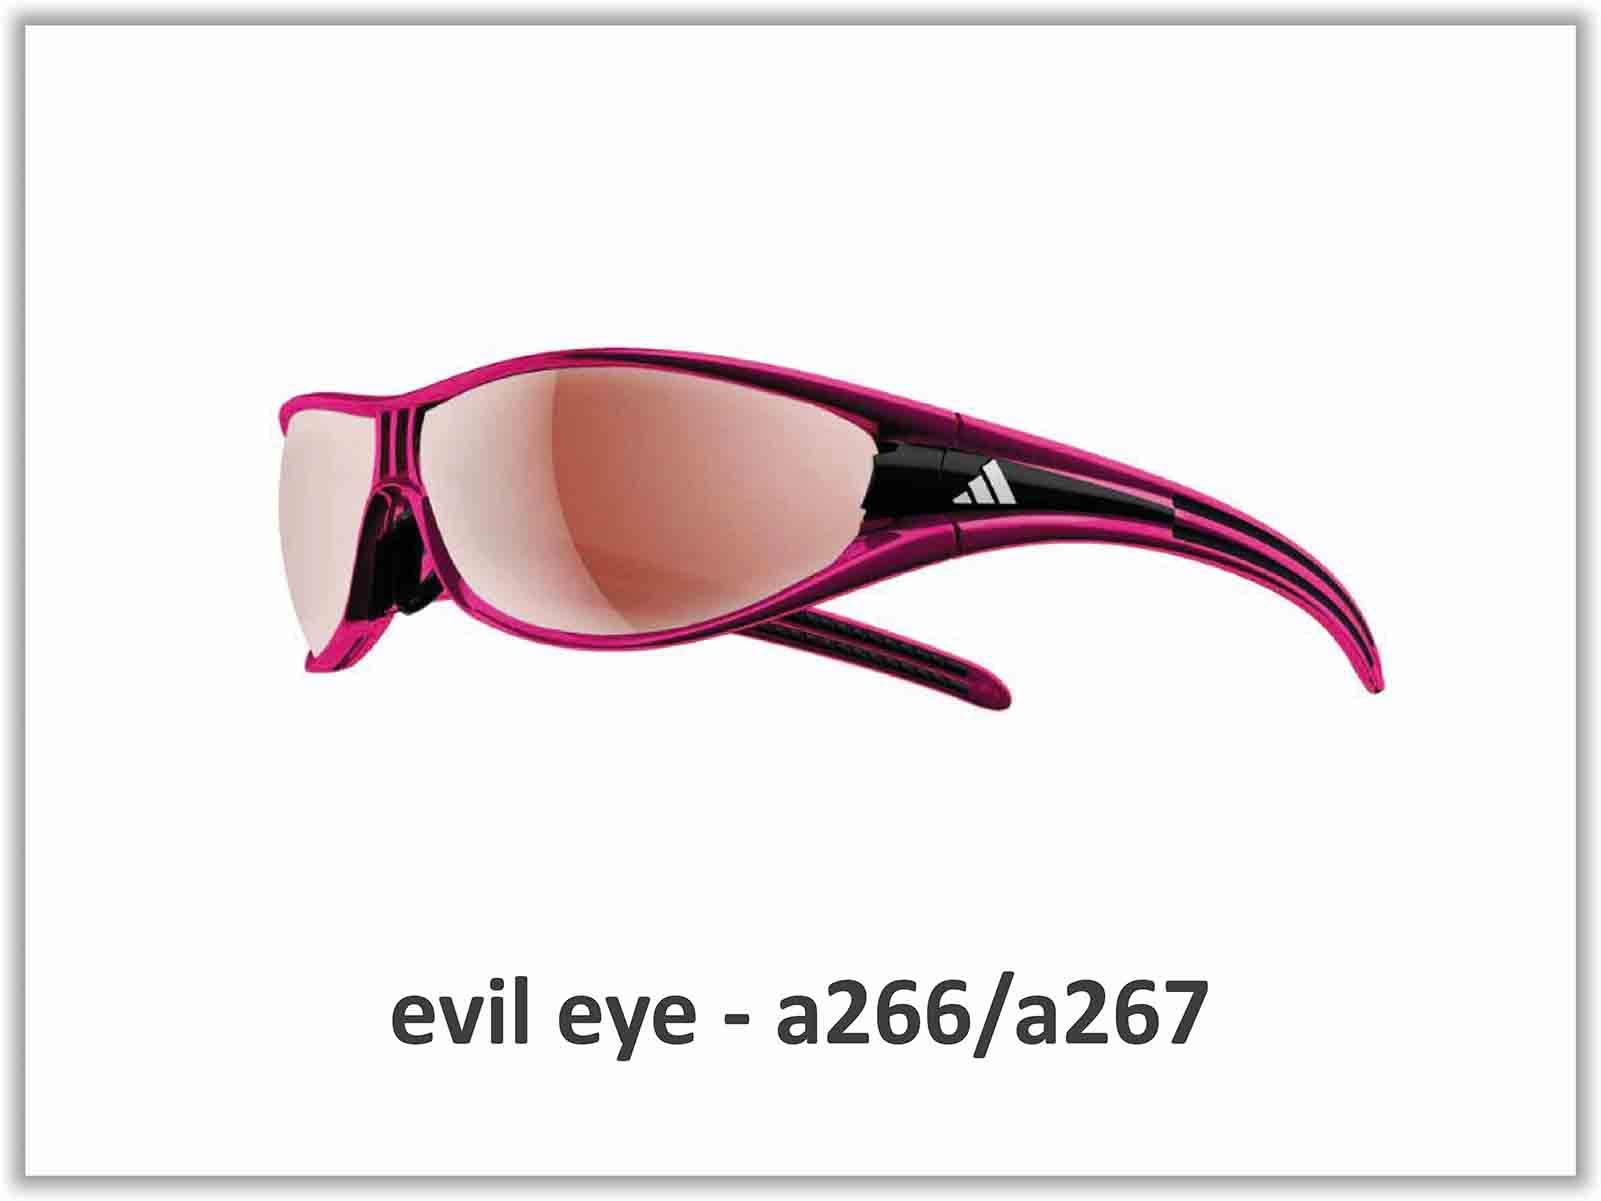 evil eye. jpg